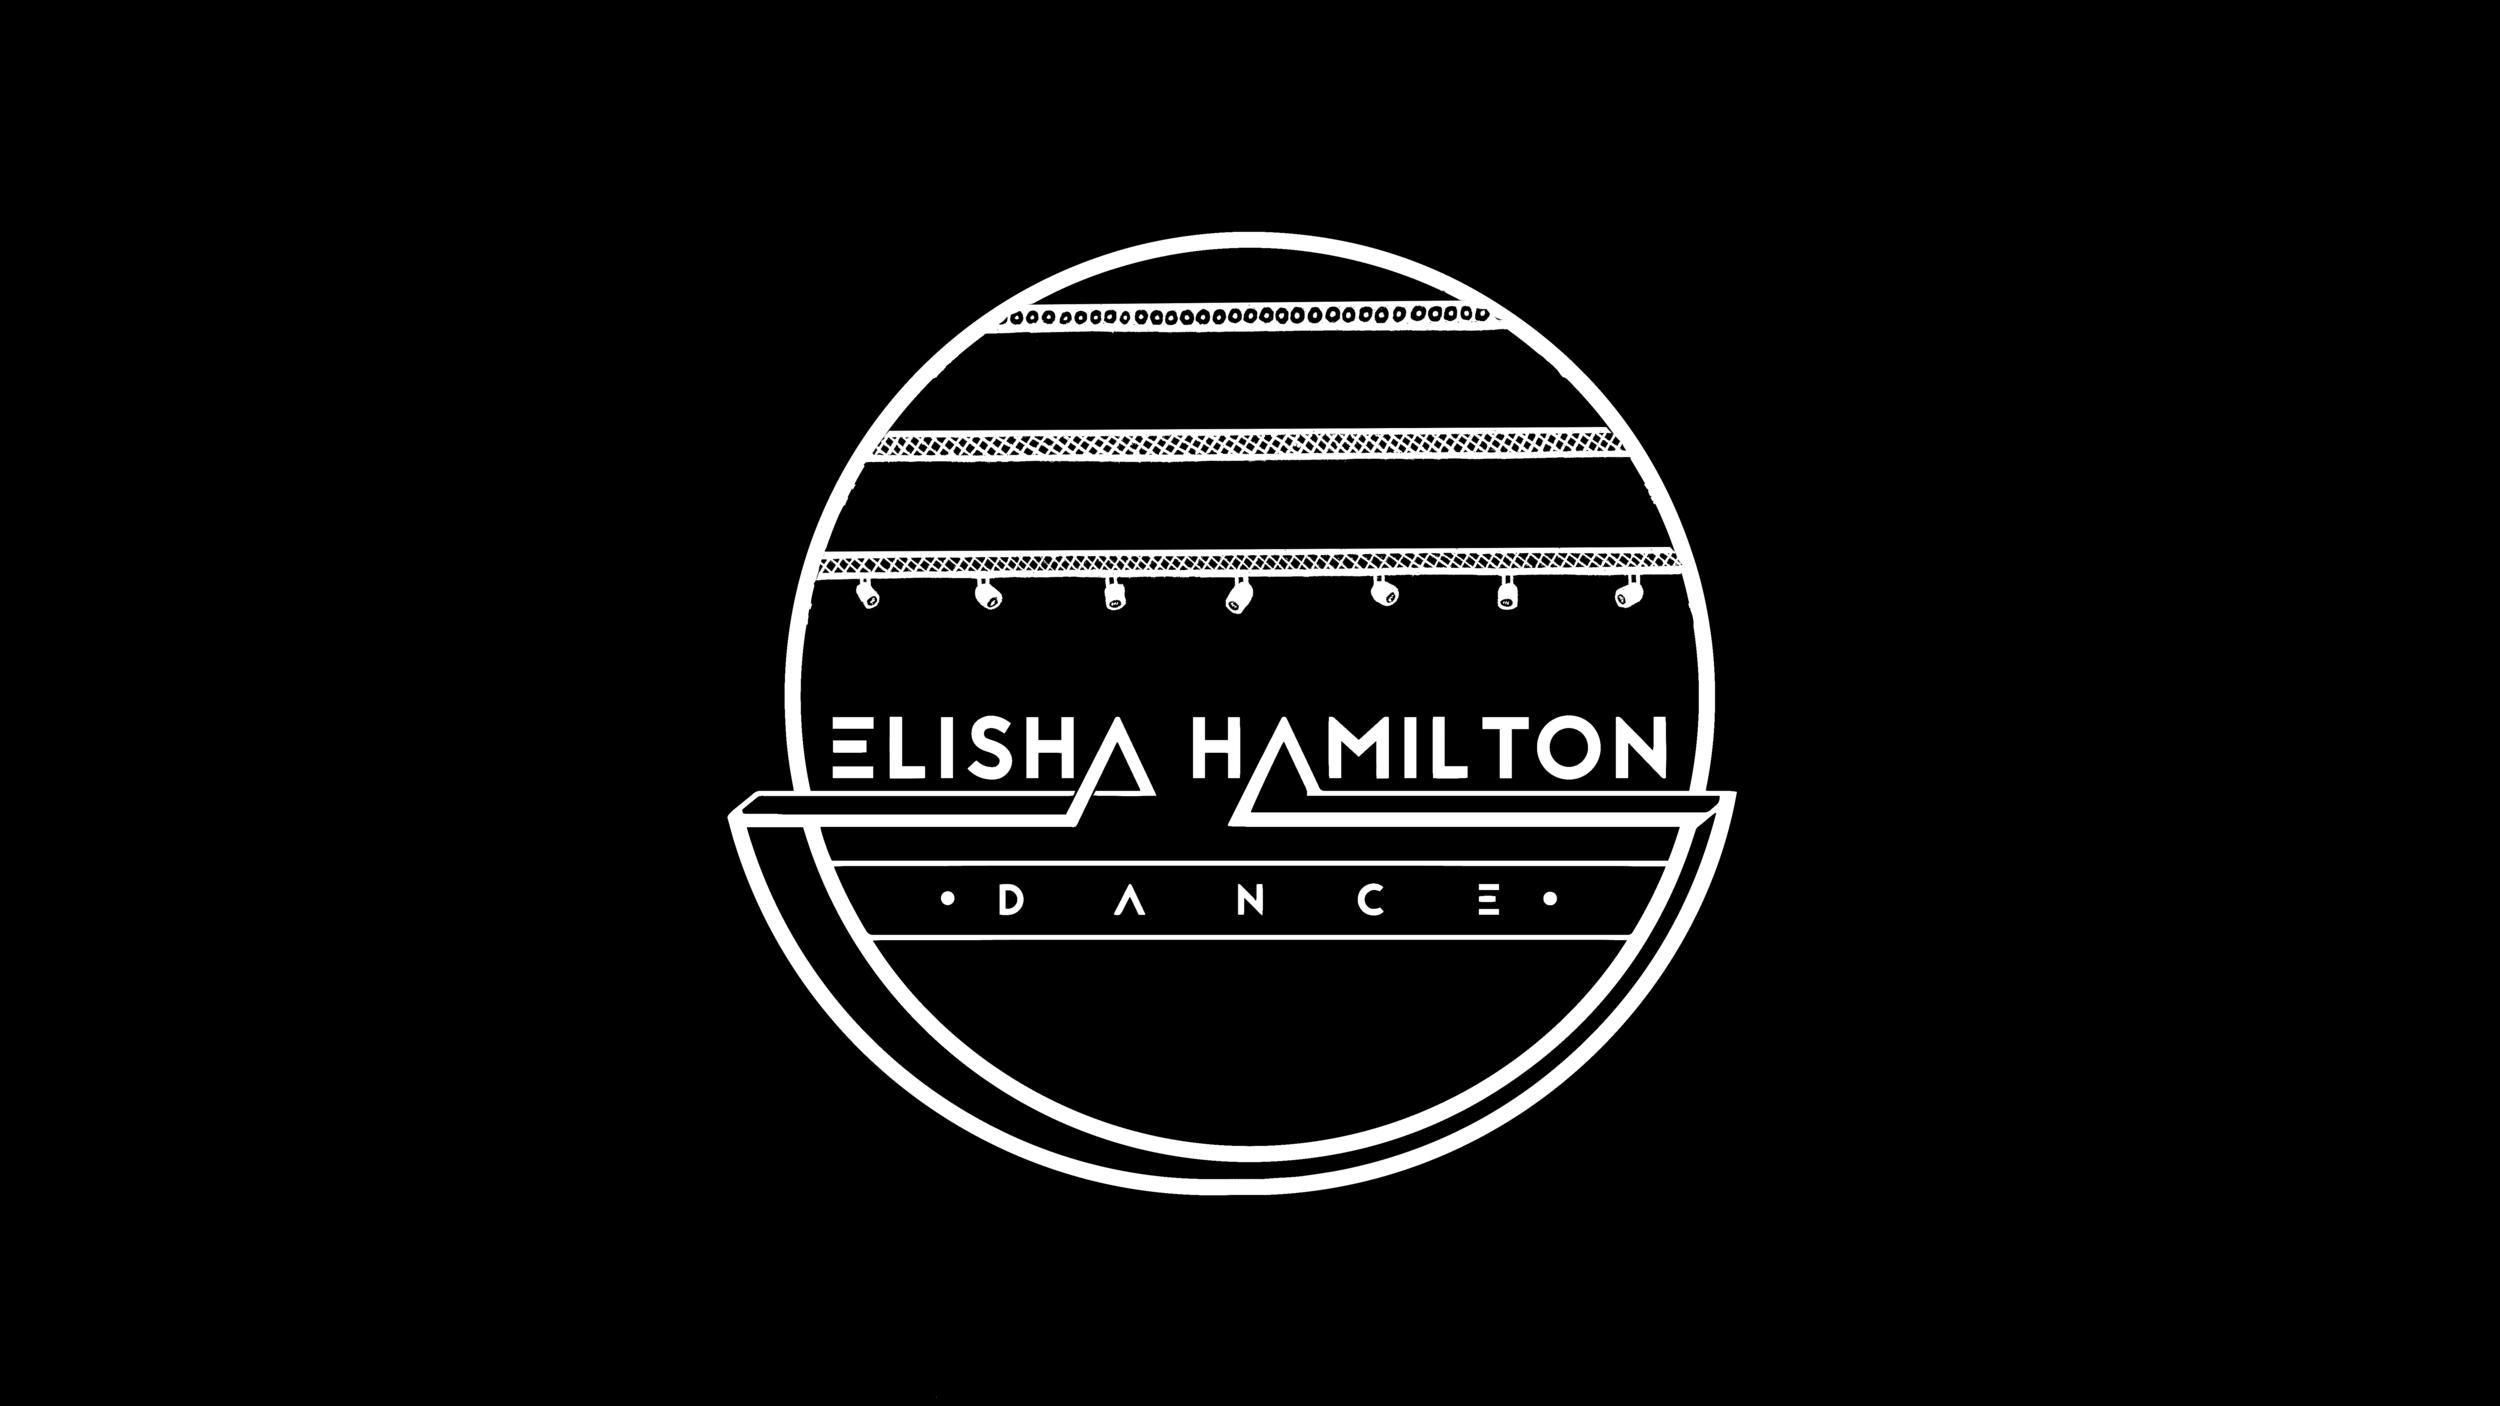 'Elisha Hamilton Dance'